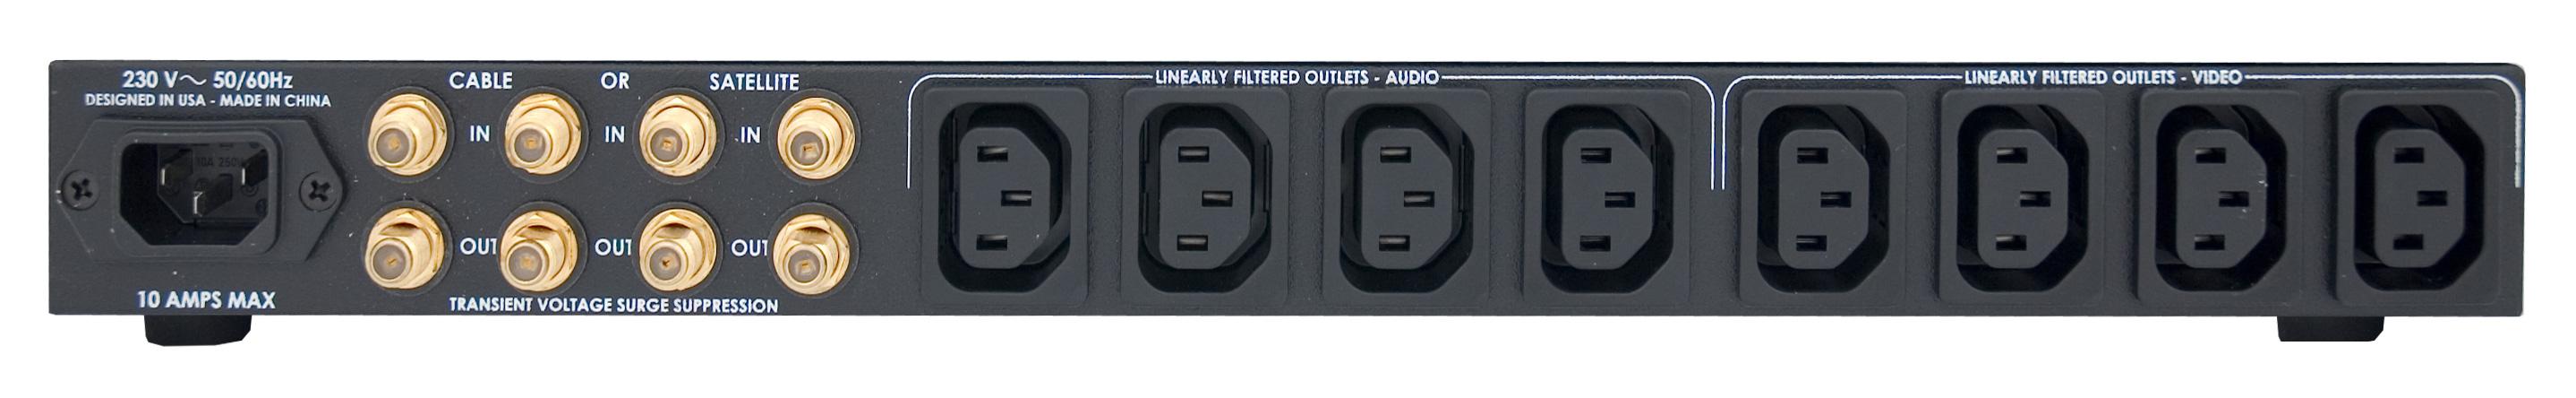 Kabel-Tuning-Netzfilter | RADIO WINZEN - Ingenieur und Meisterbetrieb